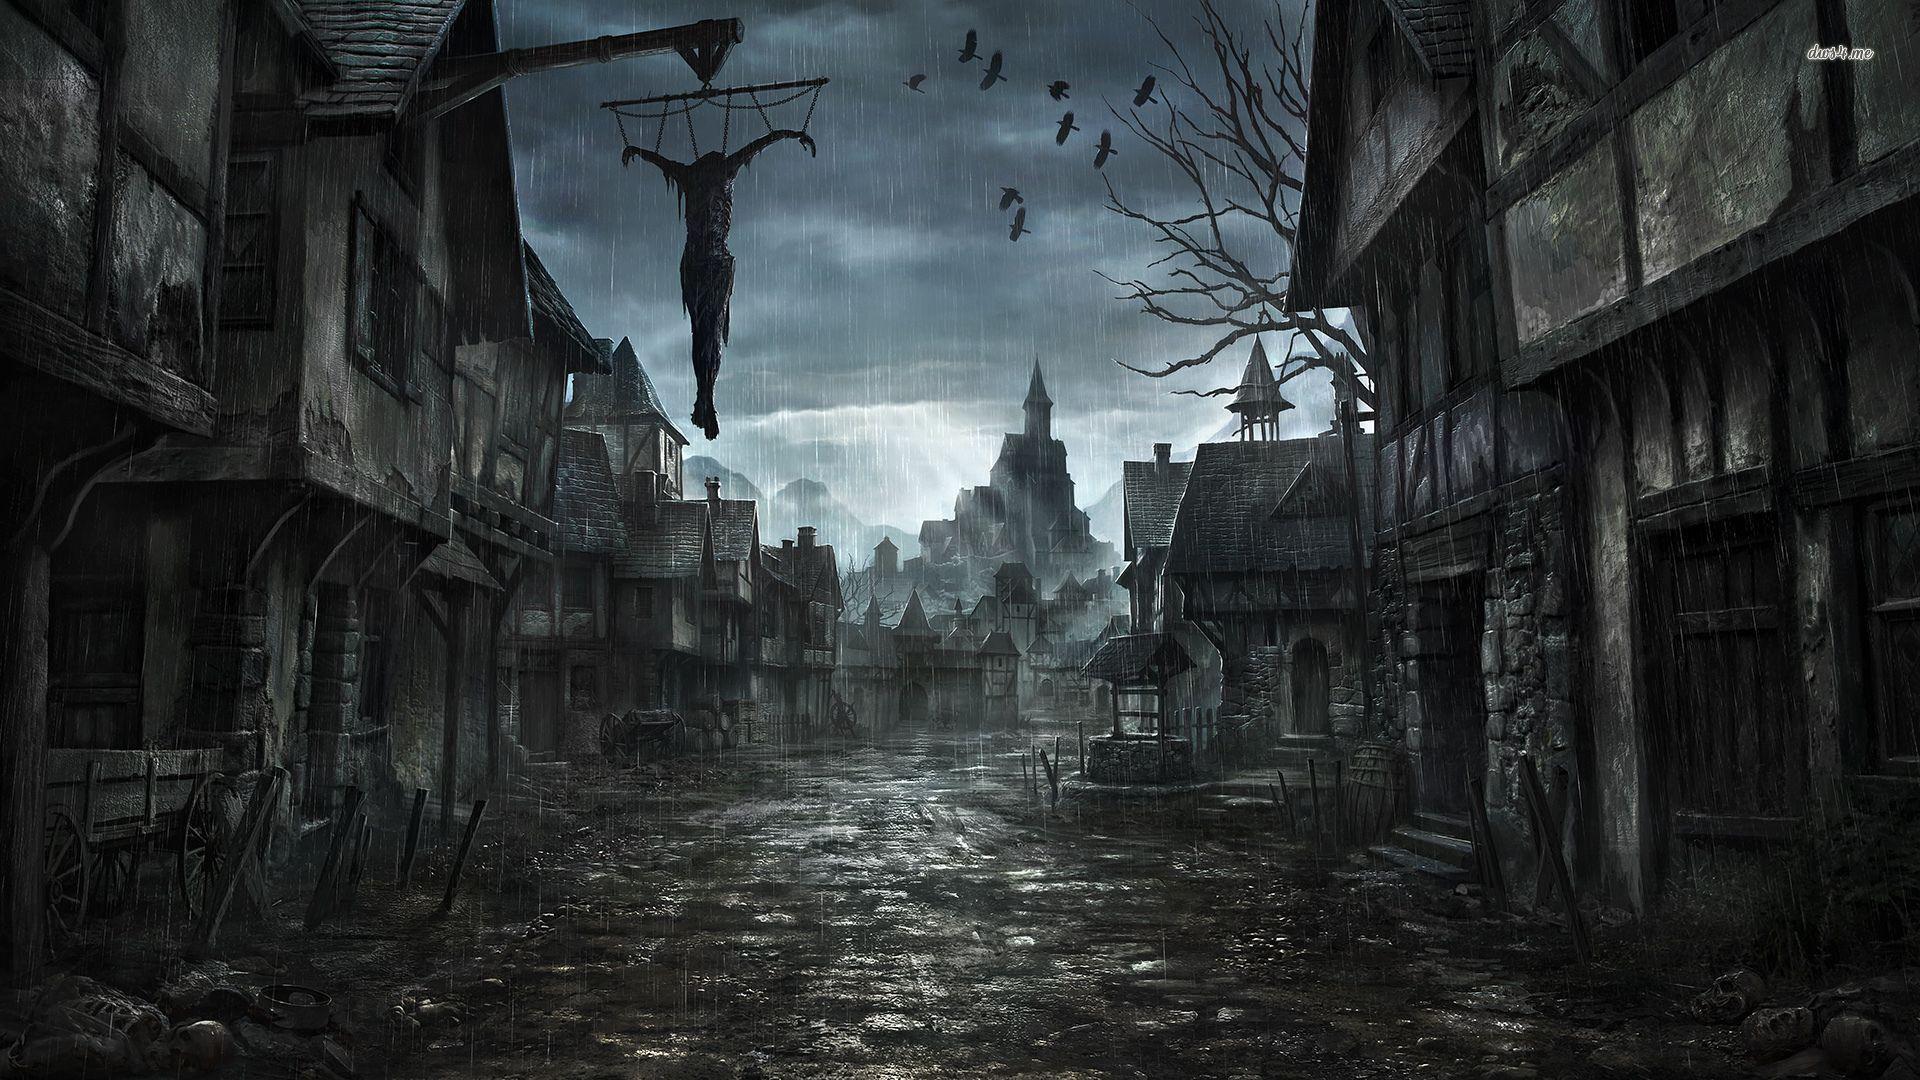 Scary Halloween Desktop Wallpapers - Wallpaper Cave